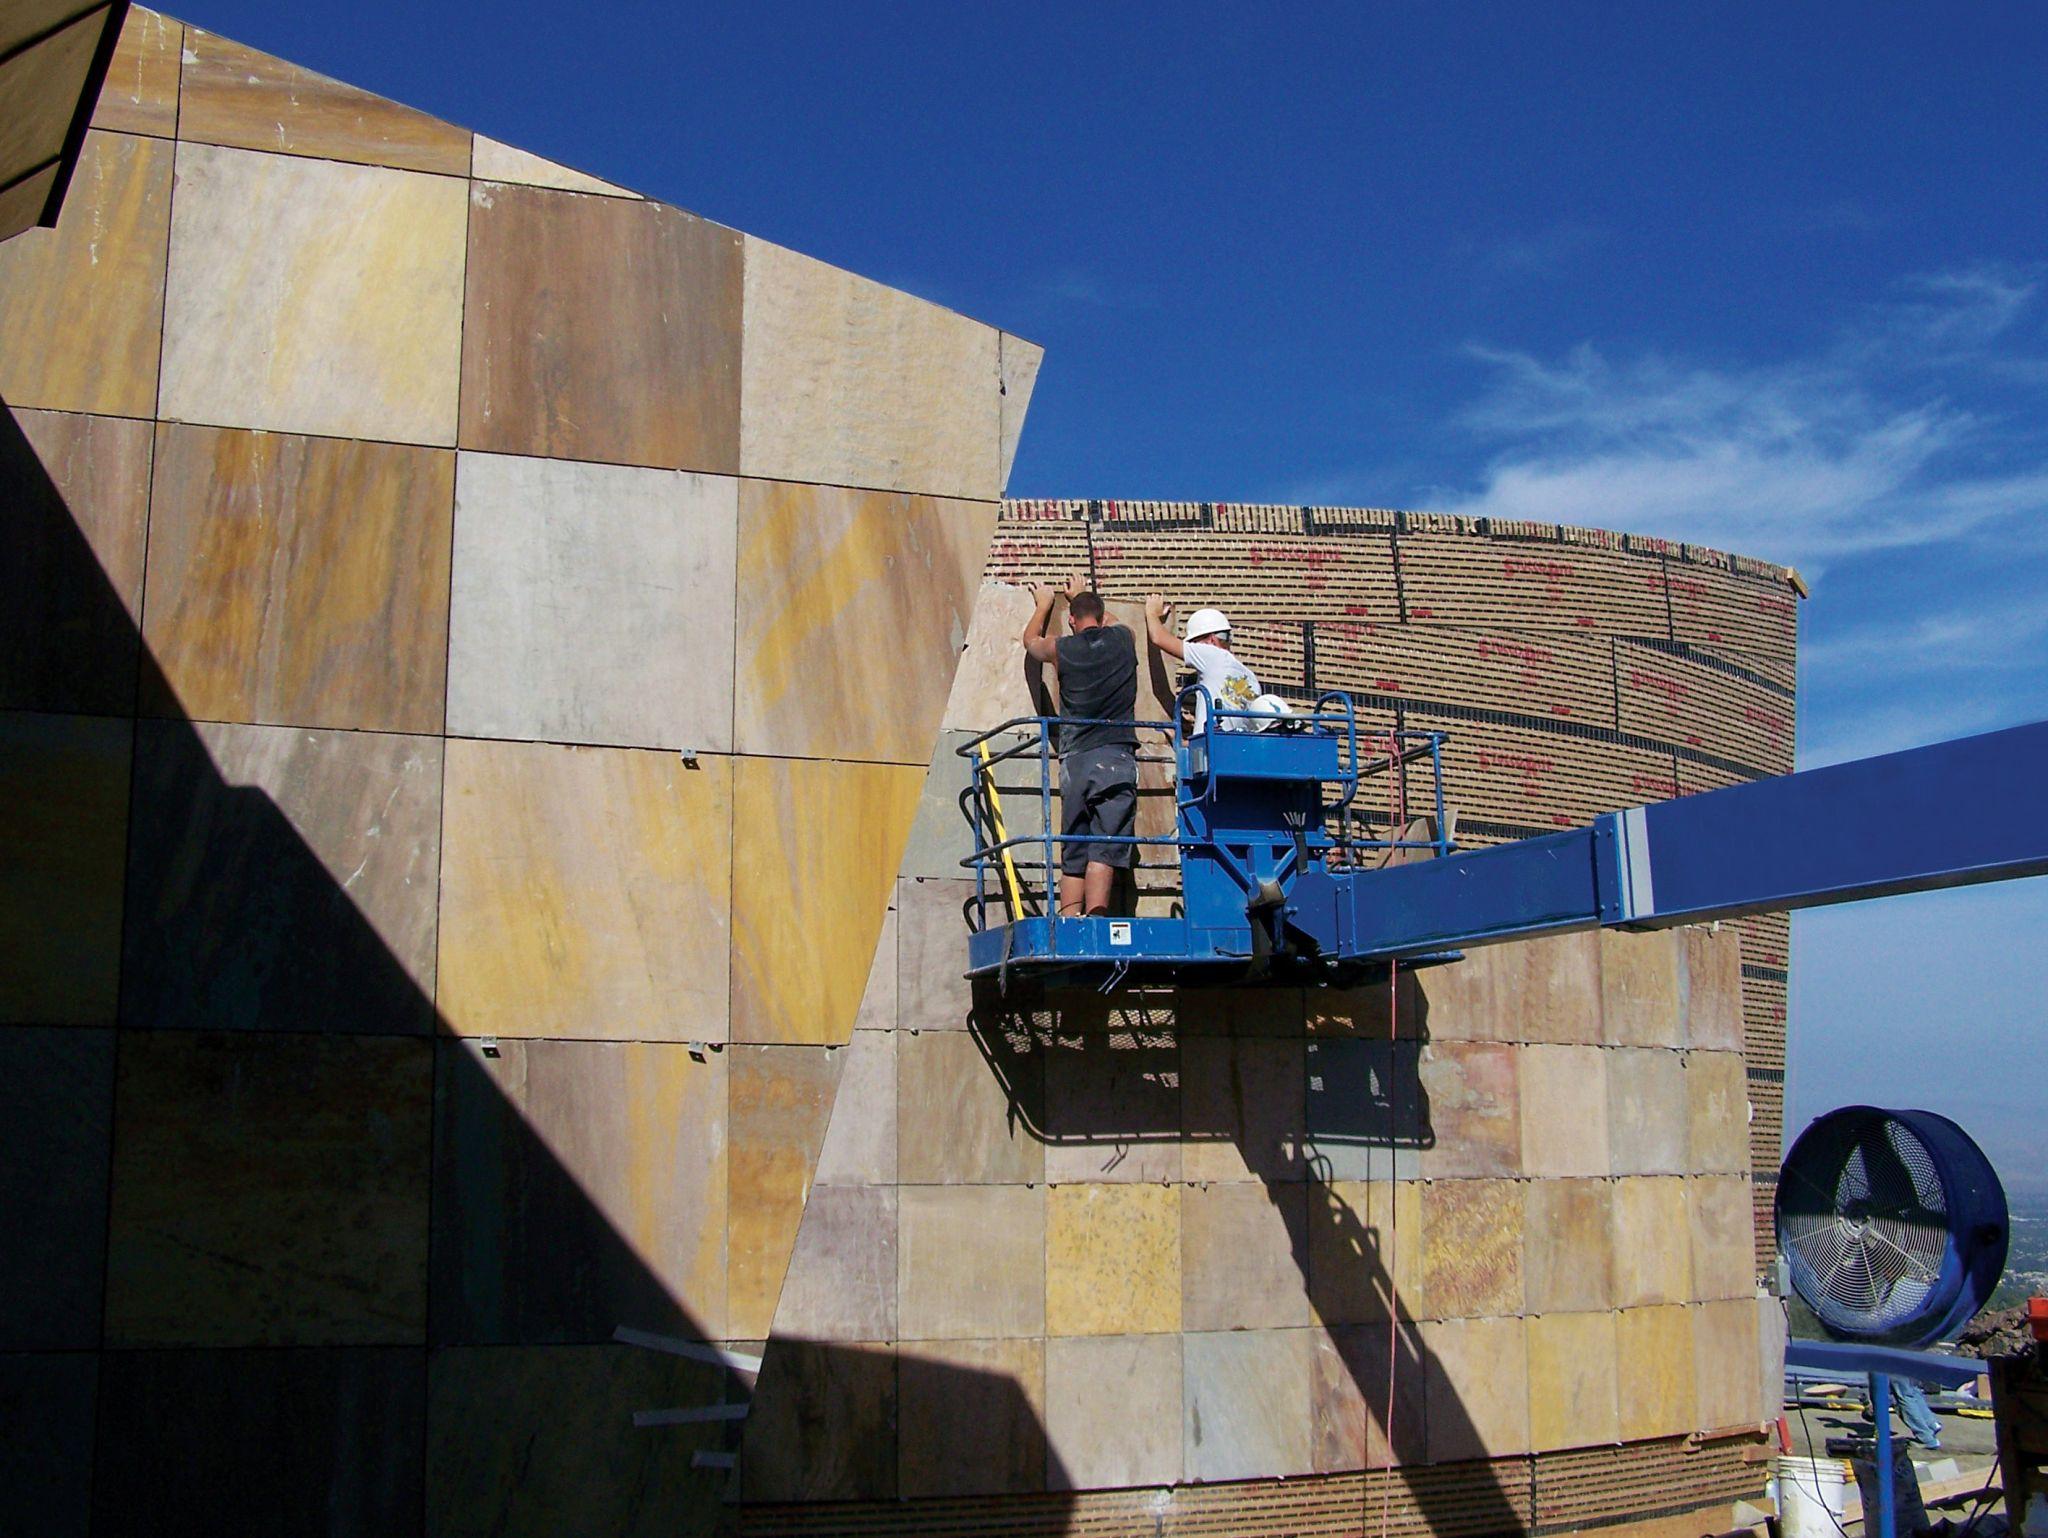 Bu işçiler, kum taşını bir binanın dış duvarına metal açılı klipslerle mekanik olarak sabitlemek için bir manlift kullanıyor.